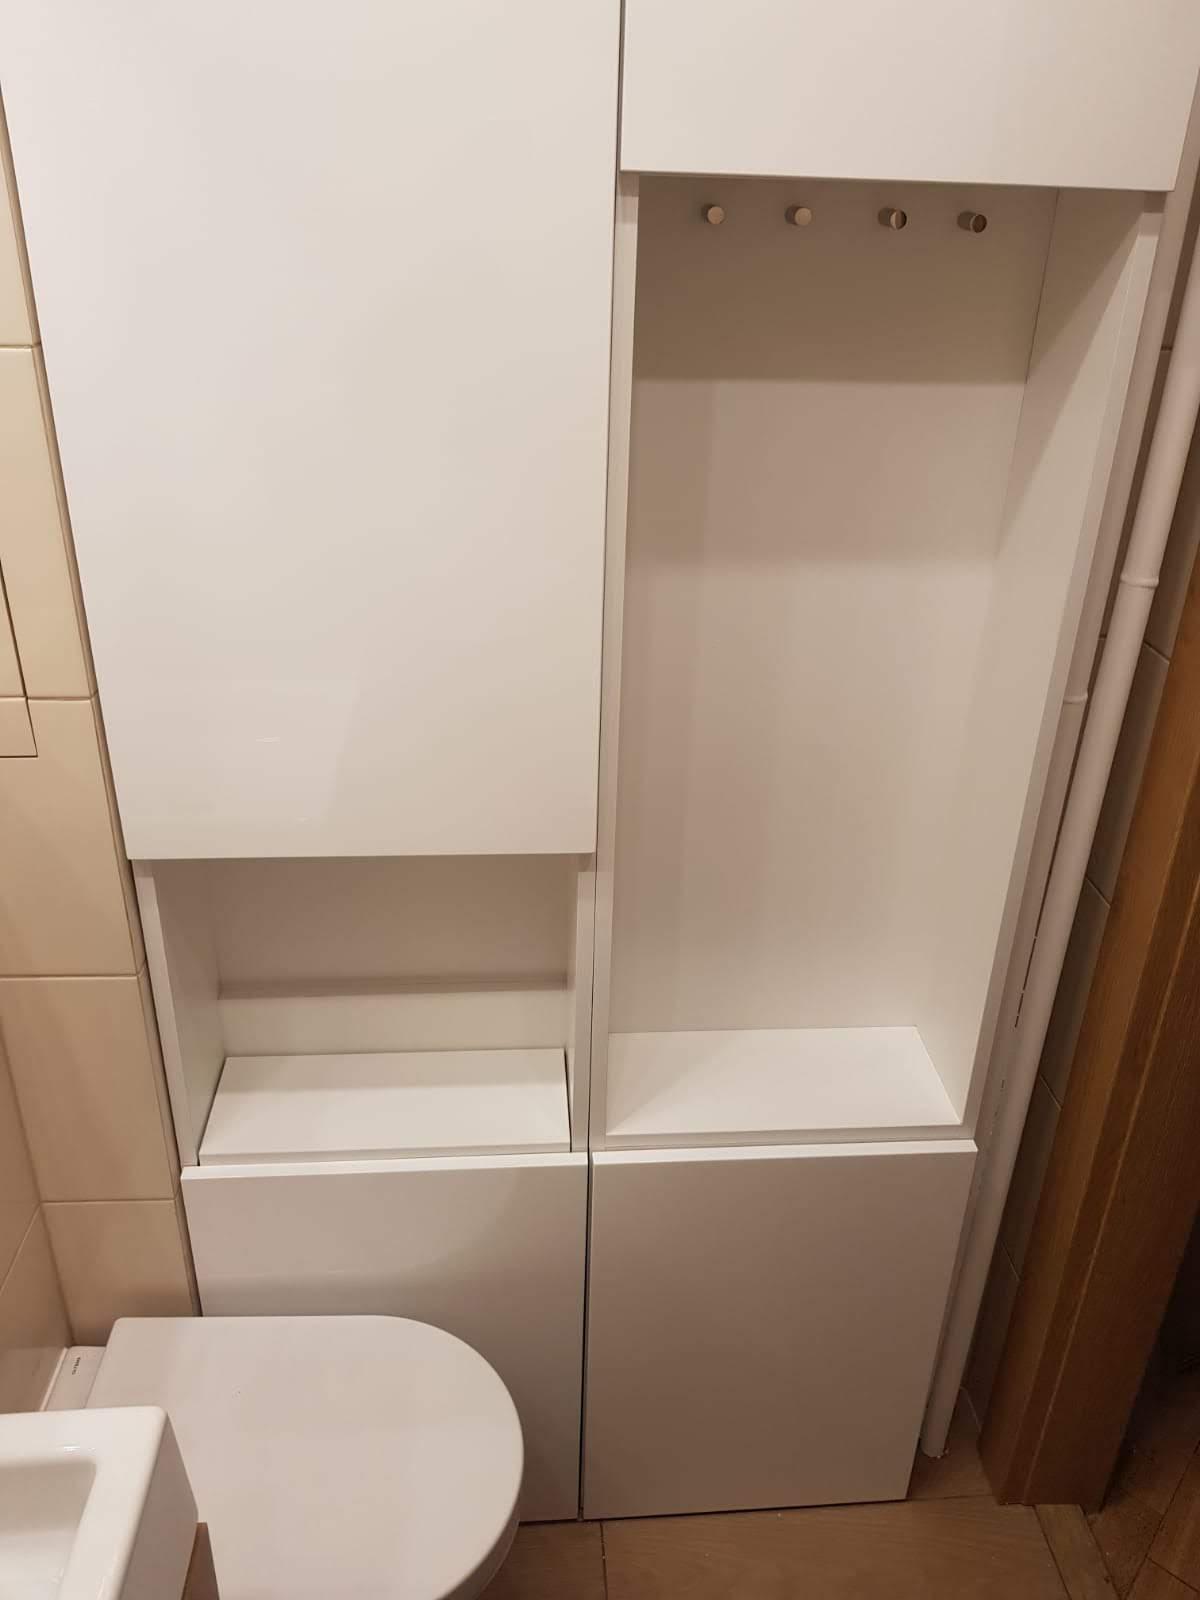 meble łazienkowe na wymiar łazienka w 10 dni warszawa